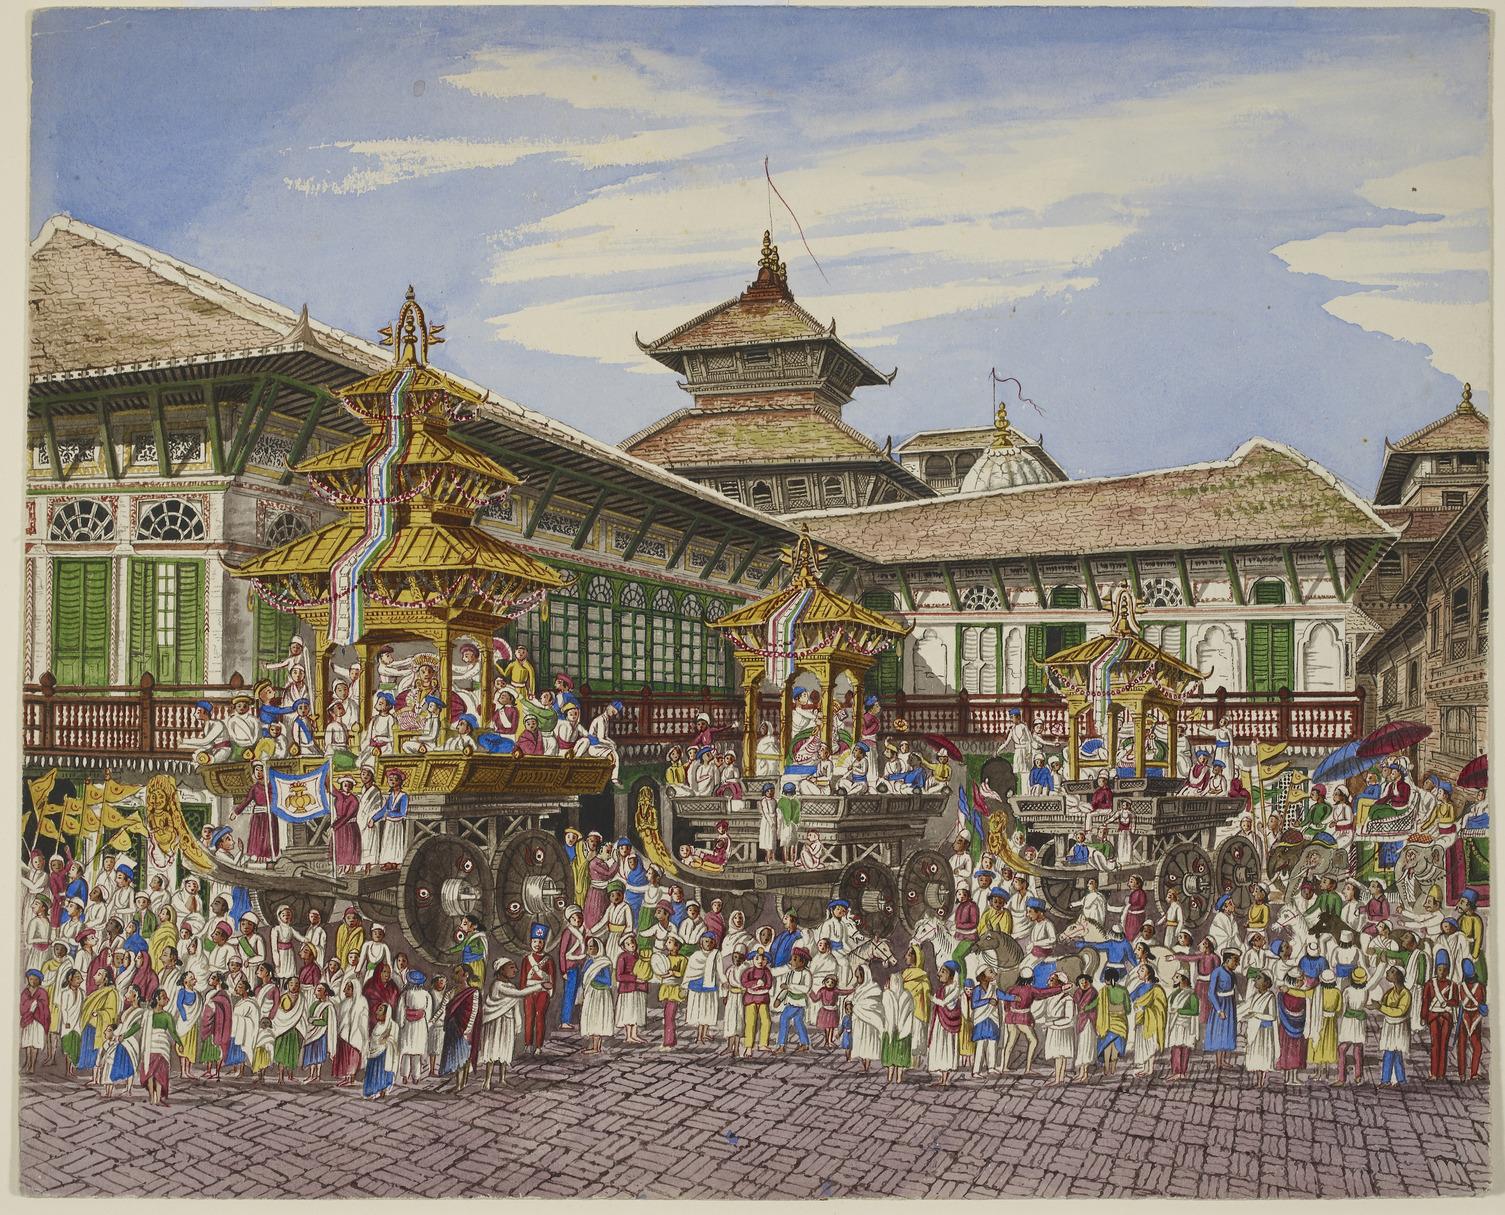 Hanuman Dhoka - Wikipedia